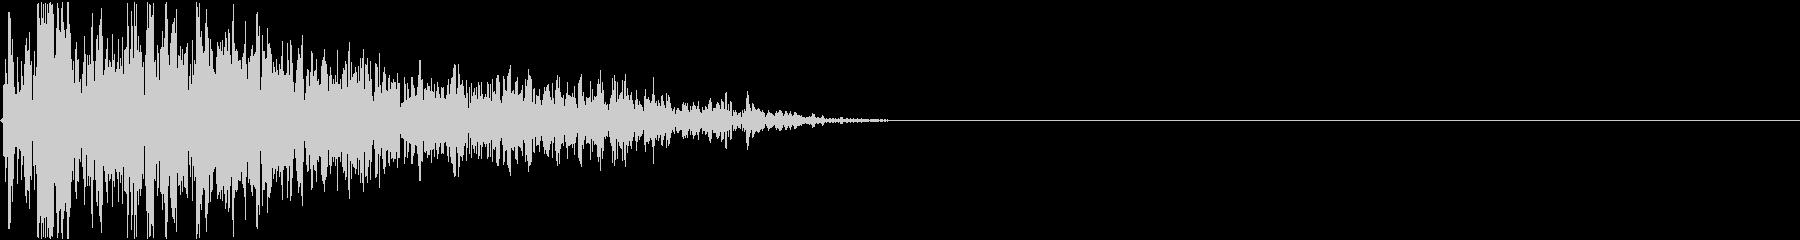 シューン(キャンセル音)の未再生の波形